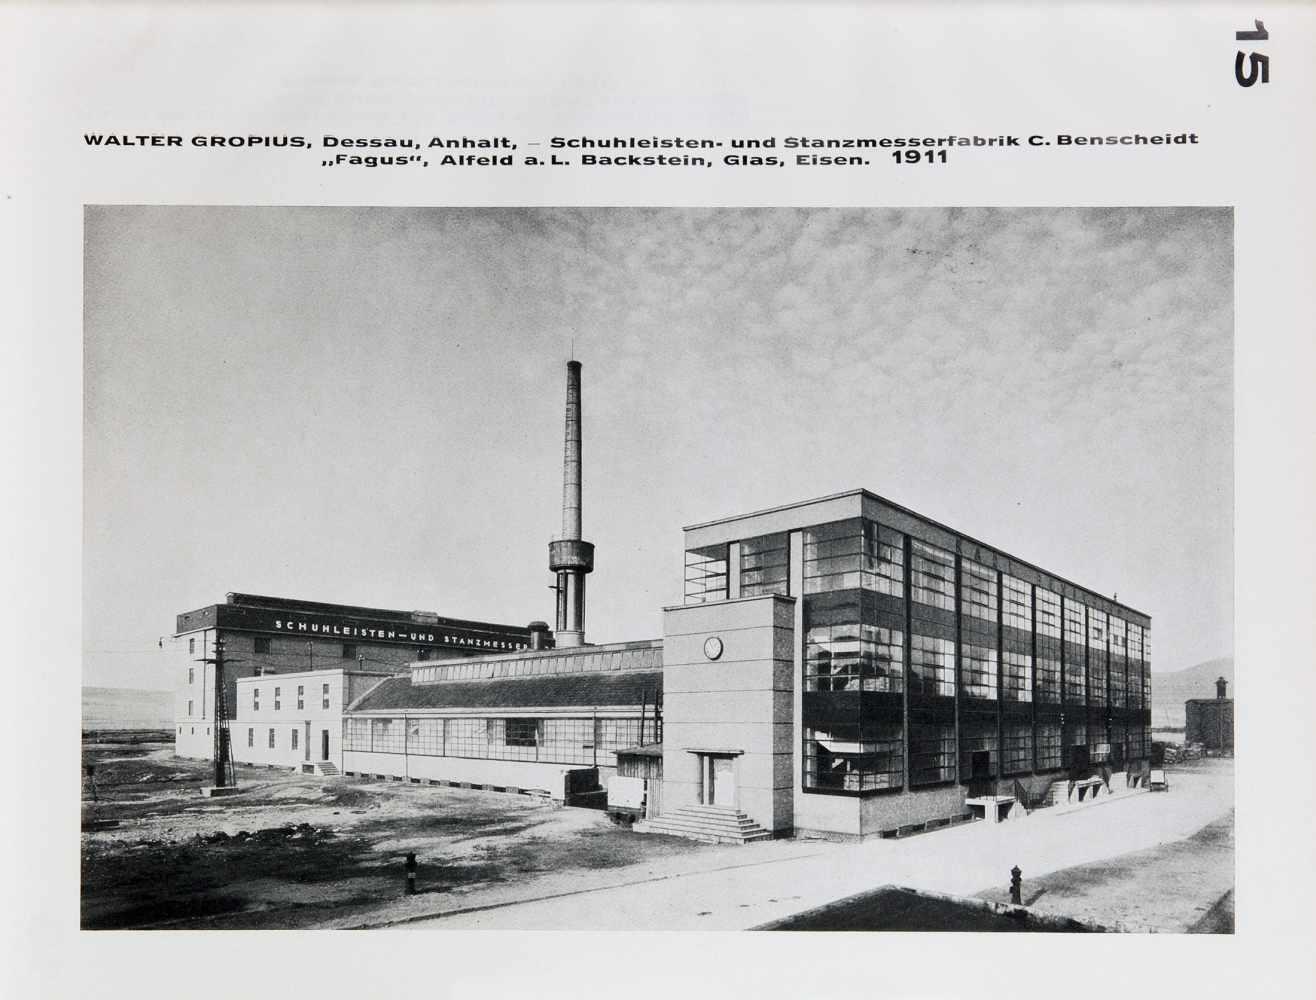 Bauhaus - Walter Gropius. Internationale Architektur. München, Albert Langen 1925. Mit zahlreichen